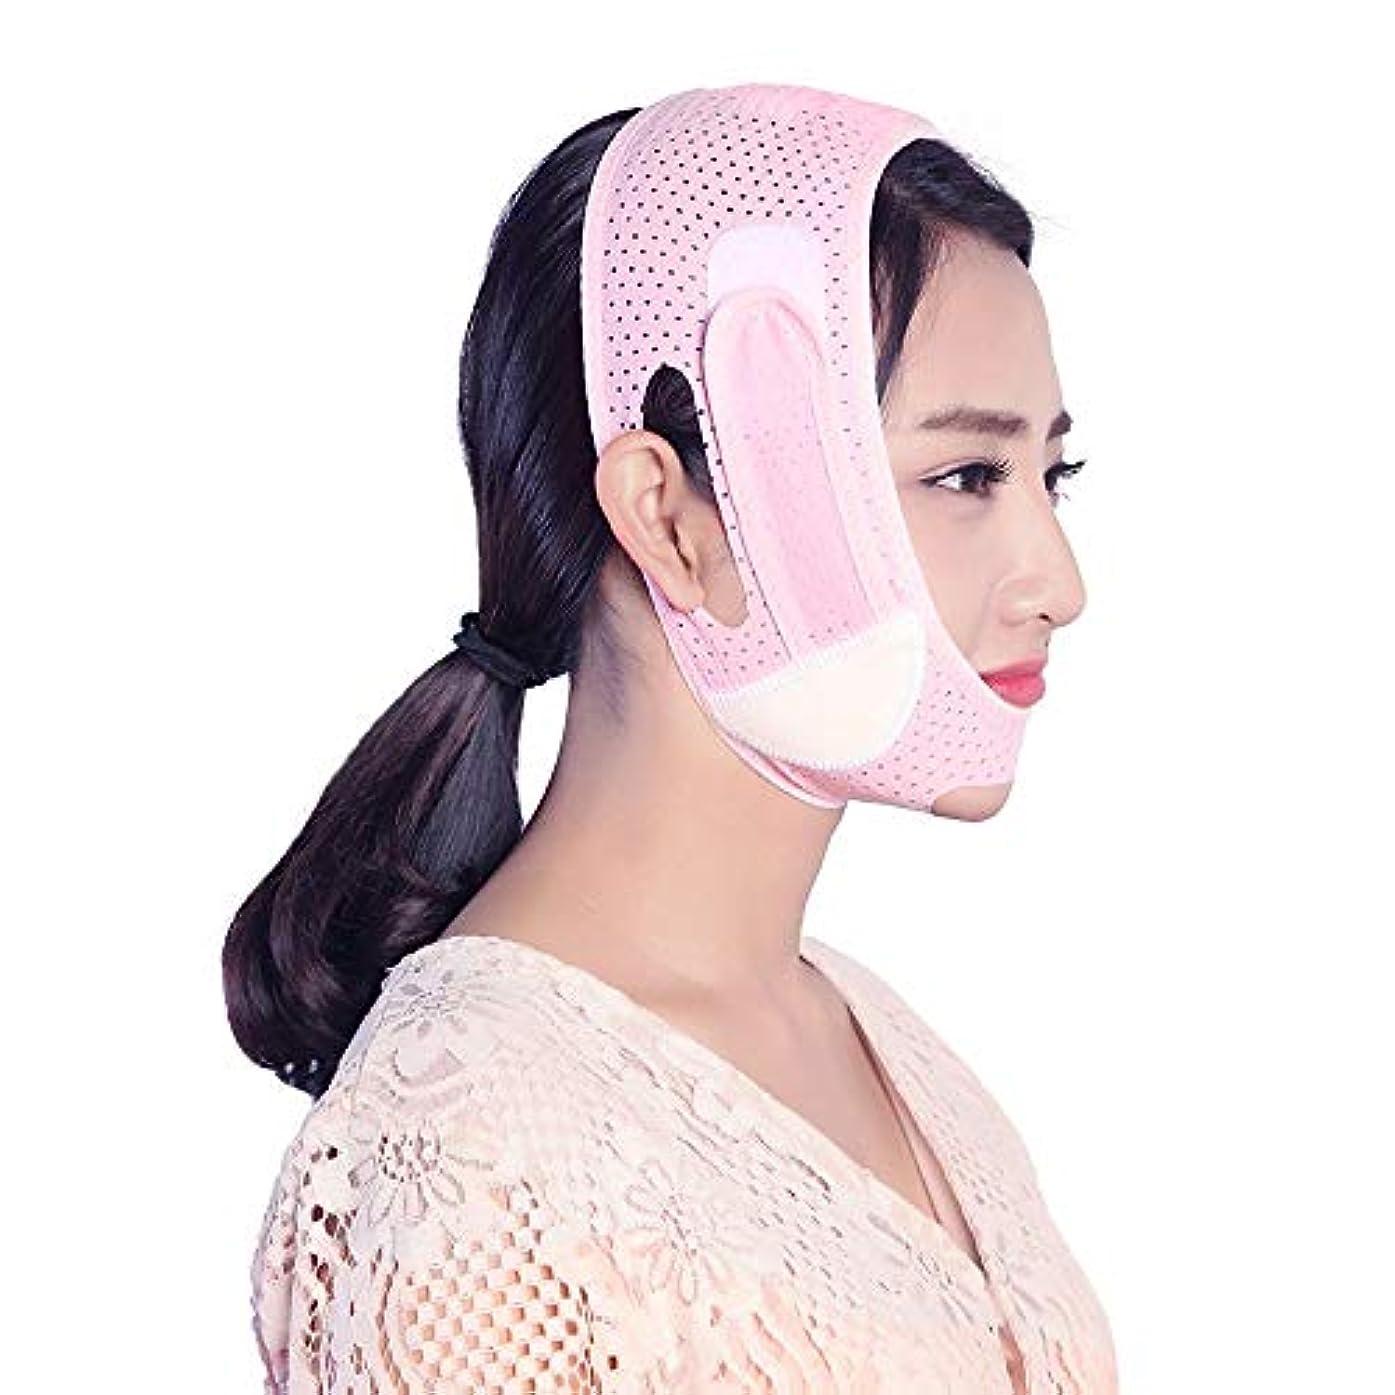 一杯歯痛集中GYZ 睡眠薄い顔パッチ包帯吊り上げプルv顔引き締めどころアーティファクト判決パターン二重あご薄いマッセルマスク - ピンク Thin Face Belt